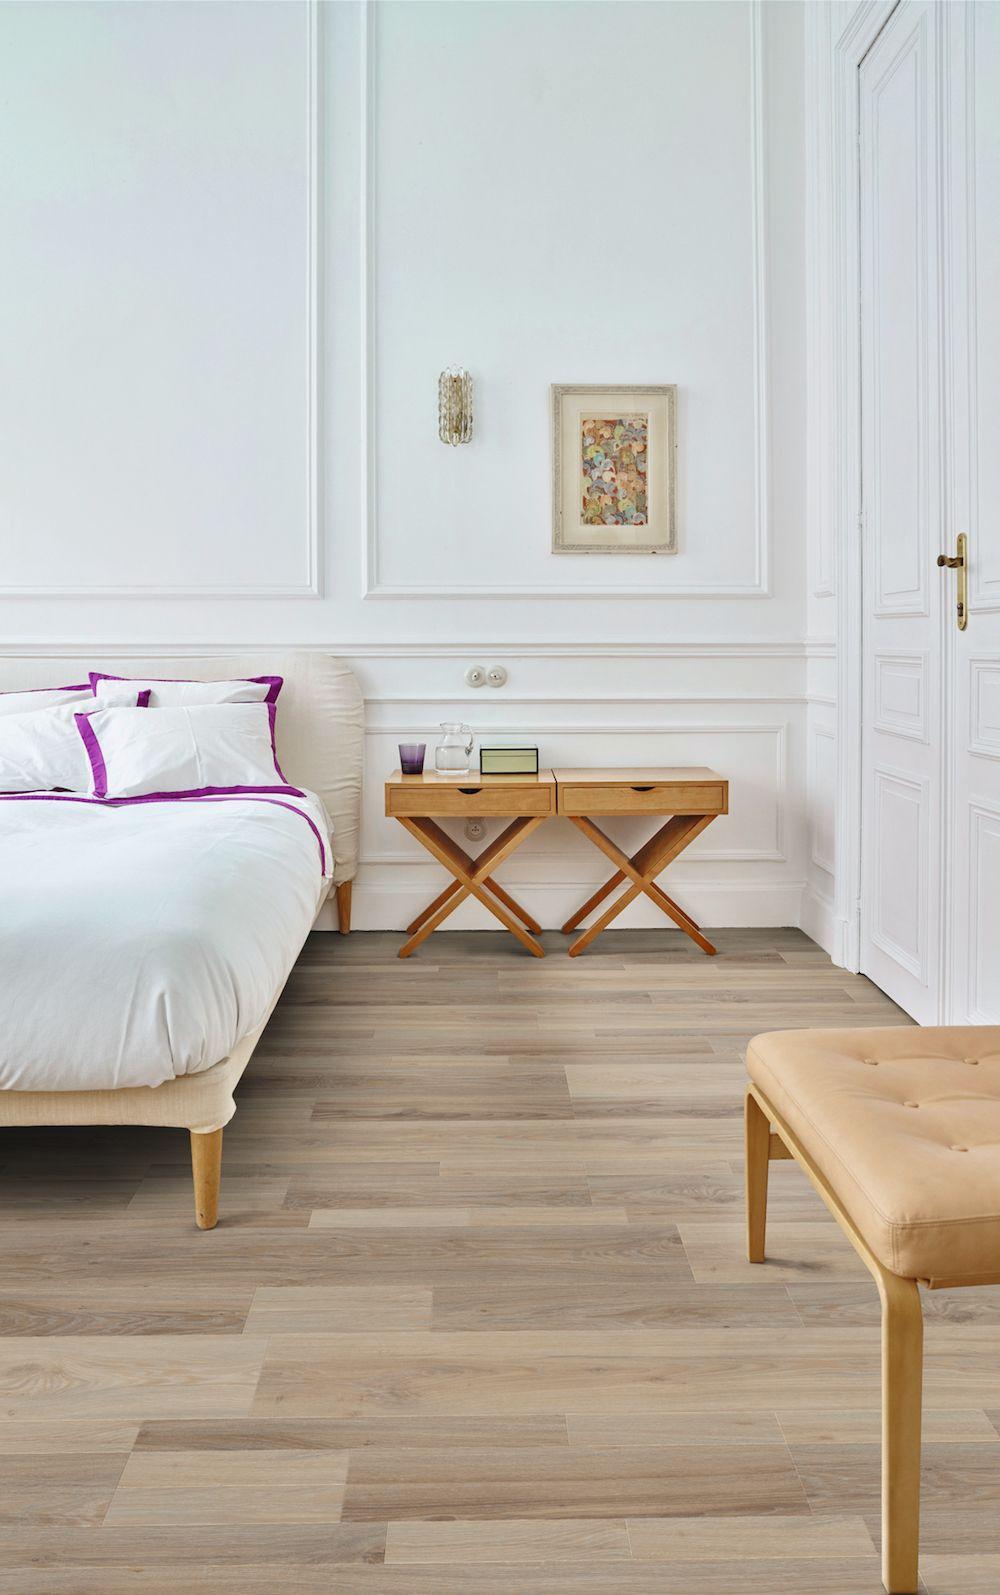 Moduleo Moods vinyl vloer met houtlook in de slaapkamer #interieur ...